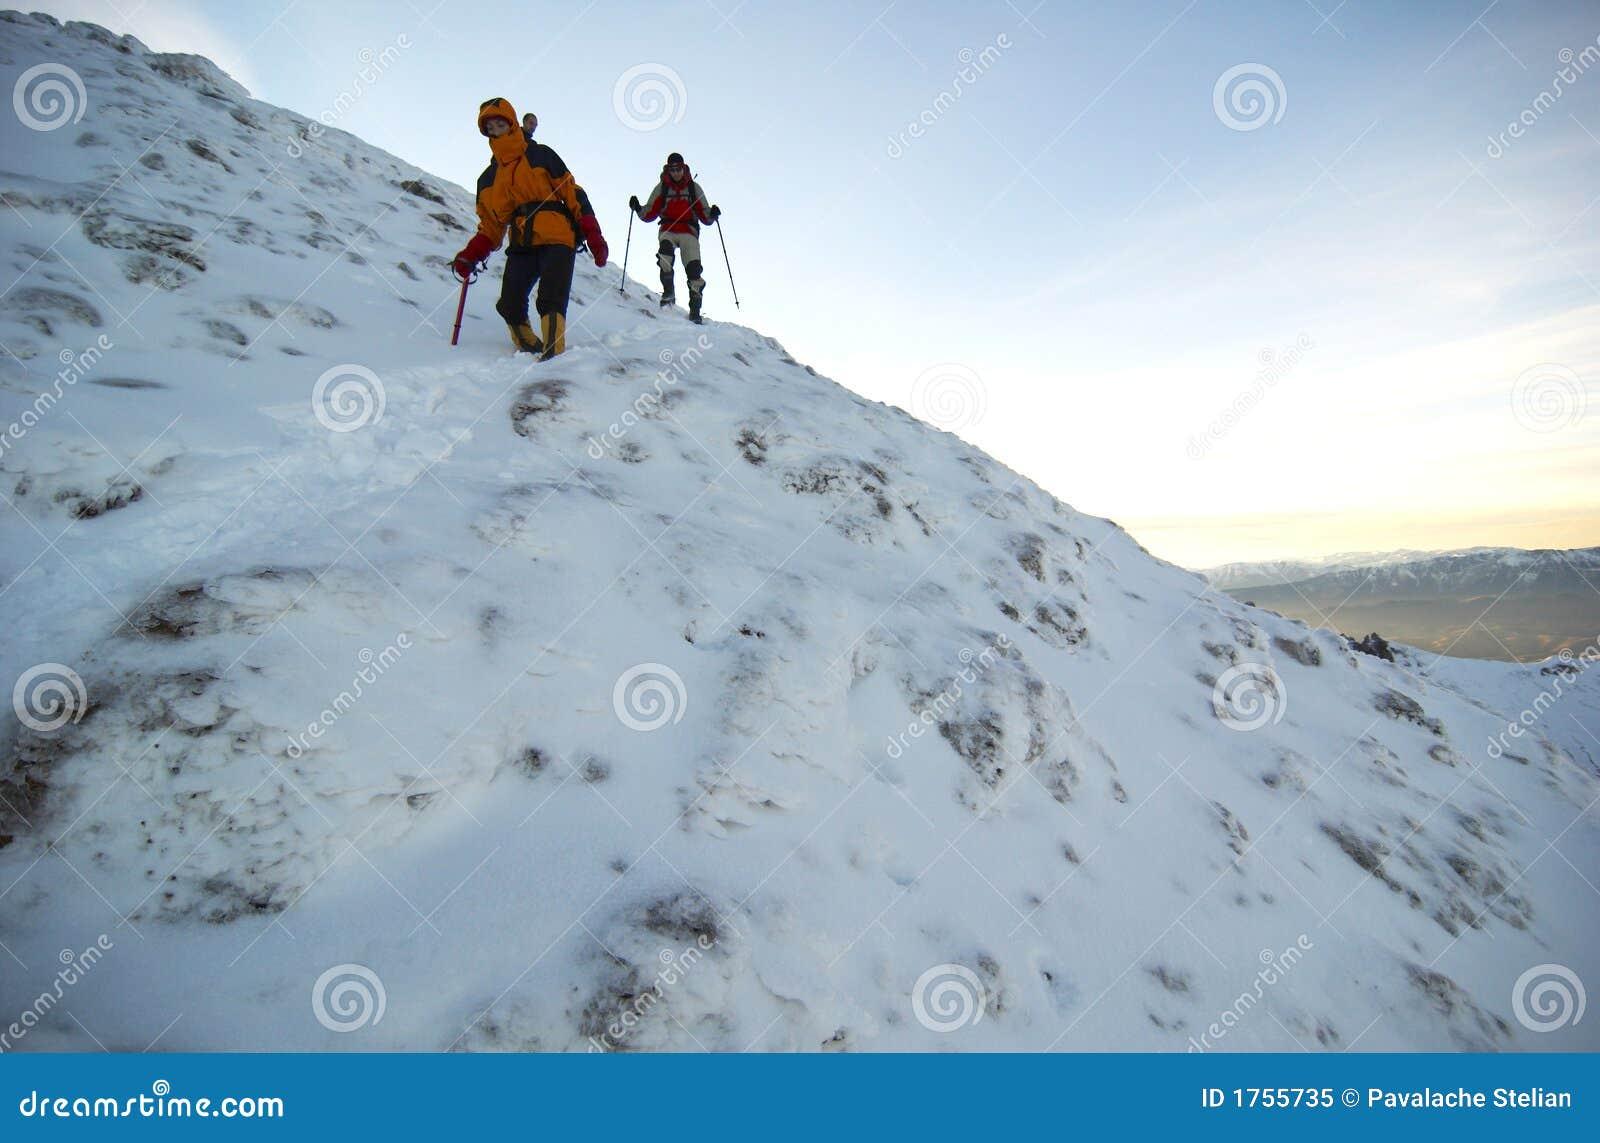 Escaladores de montaña que descienden la montaña.